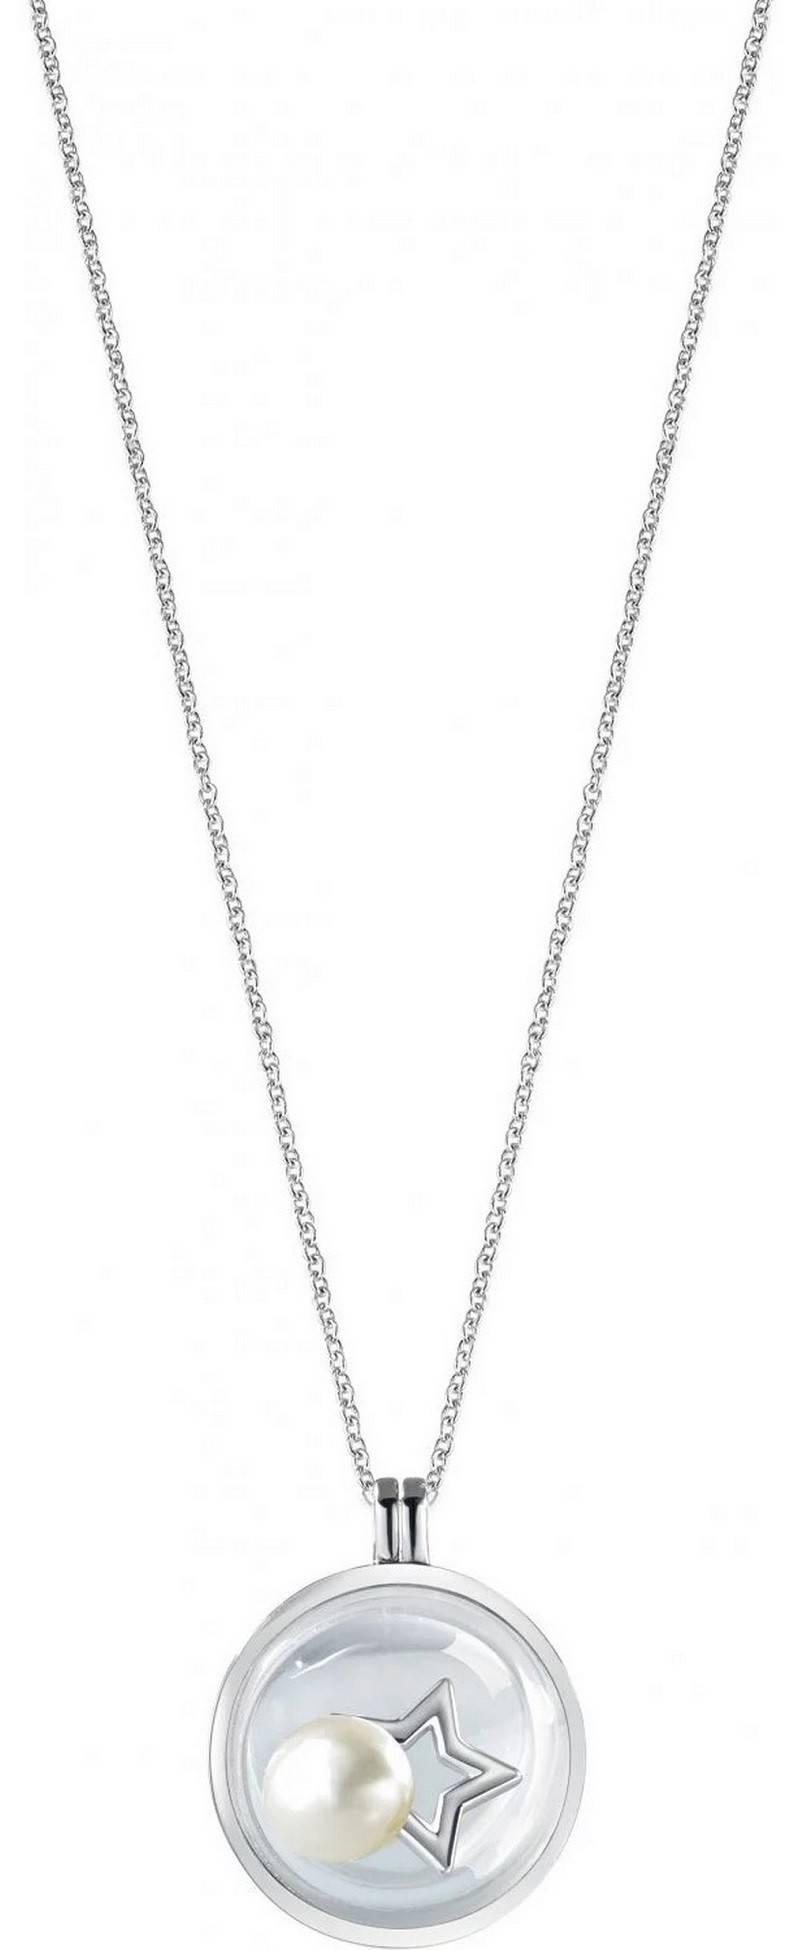 Morellato Scrigno D&#39,Amore Rhodinierte Sterling Silber SAMB01 Damen Halskette